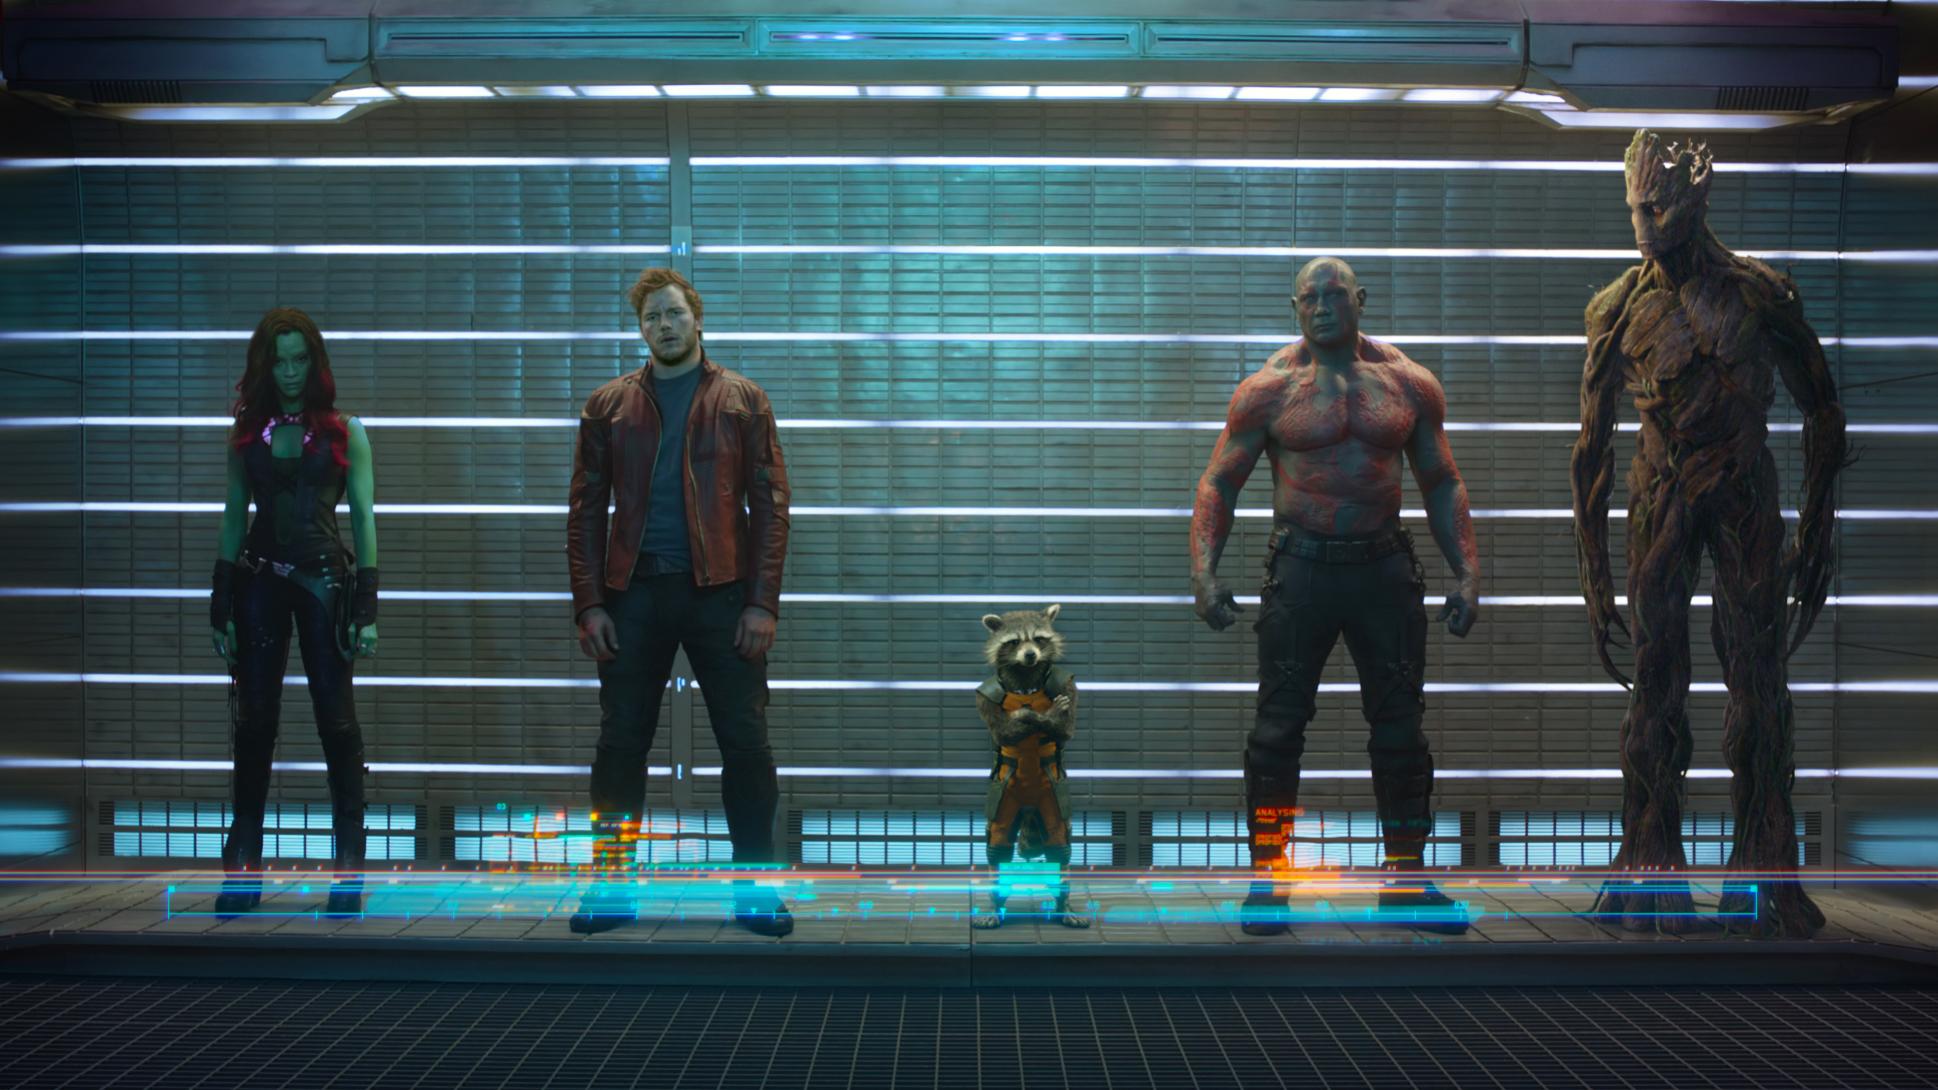 Guardiões da Galáxia Vol. 3 será filmado ainda este ano, confirma James Gunn